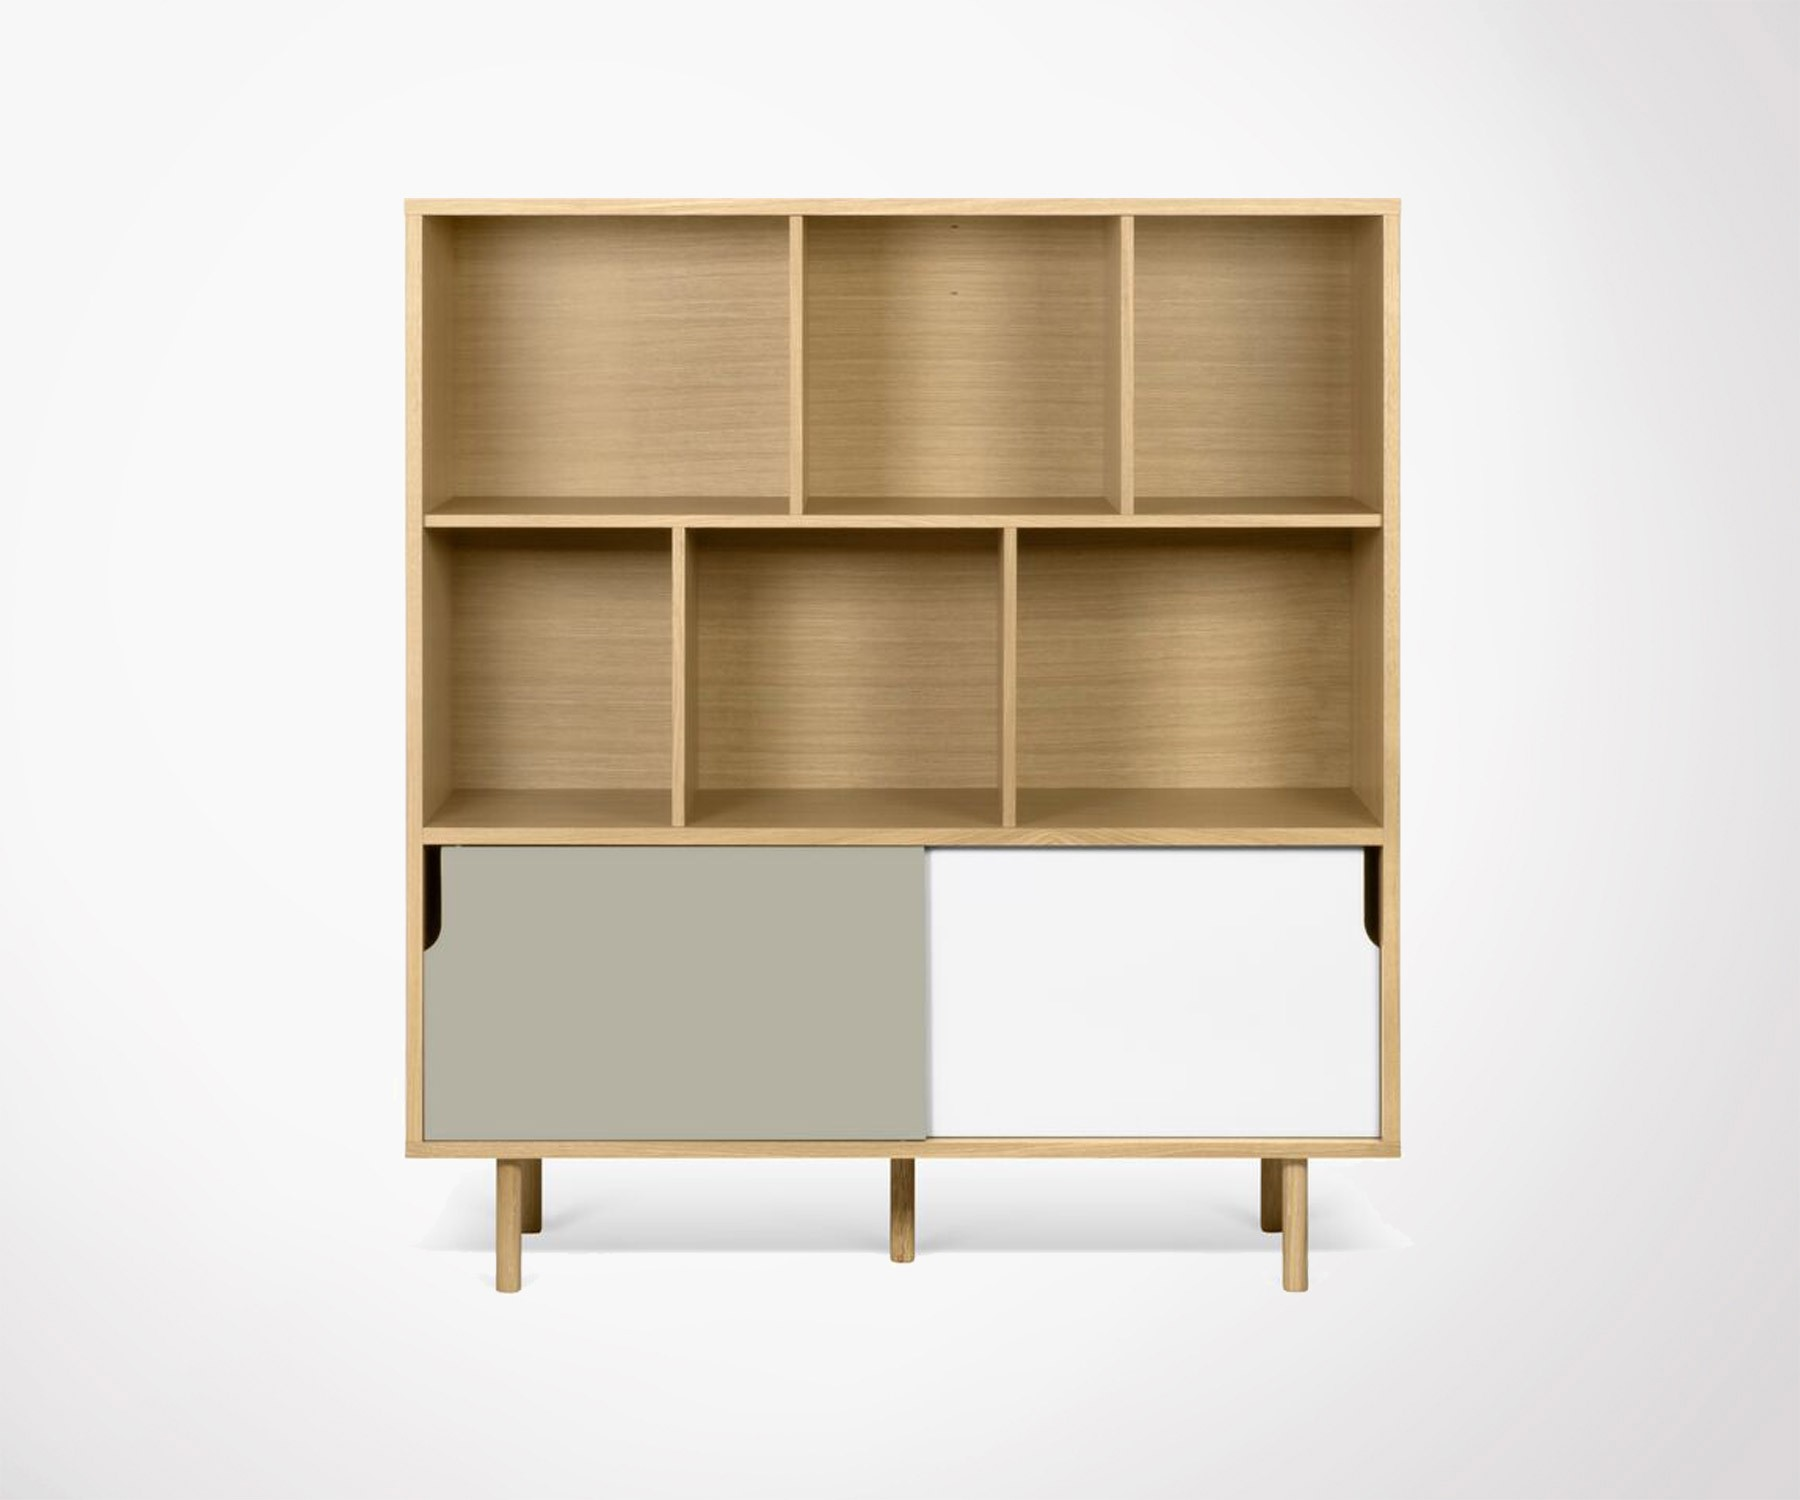 Large Gamme De Mobilier De Rangement Design Meubles Et Design # Grand Meuble Tv Design